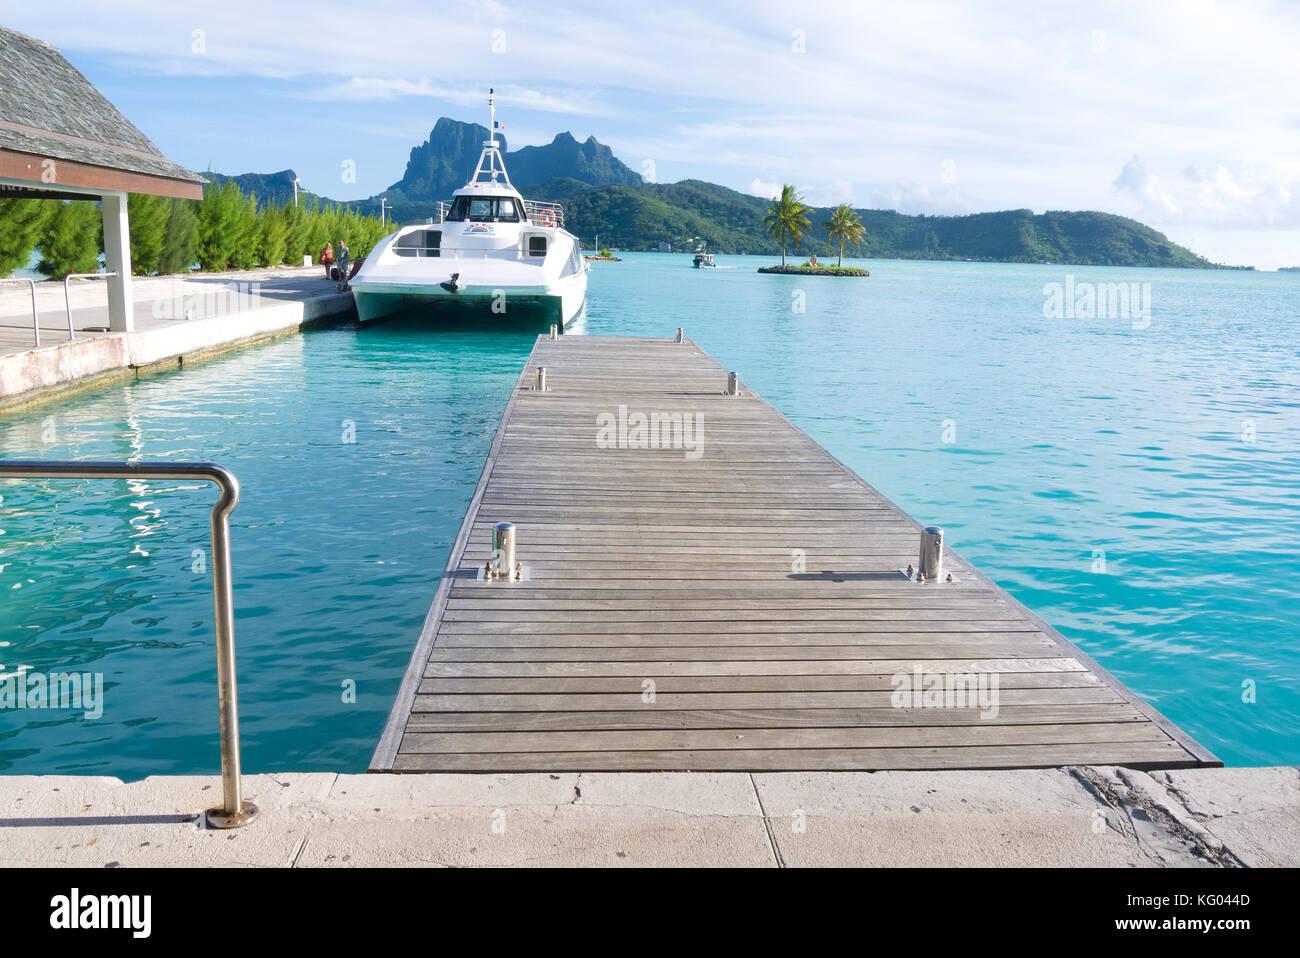 El aeropuerto de Bora Bora Motu Mute, Polinesia francesa que atiende tanto a los viajes aéreos y los viajes marítimos con un surtido de barcos y aviones. Foto de stock